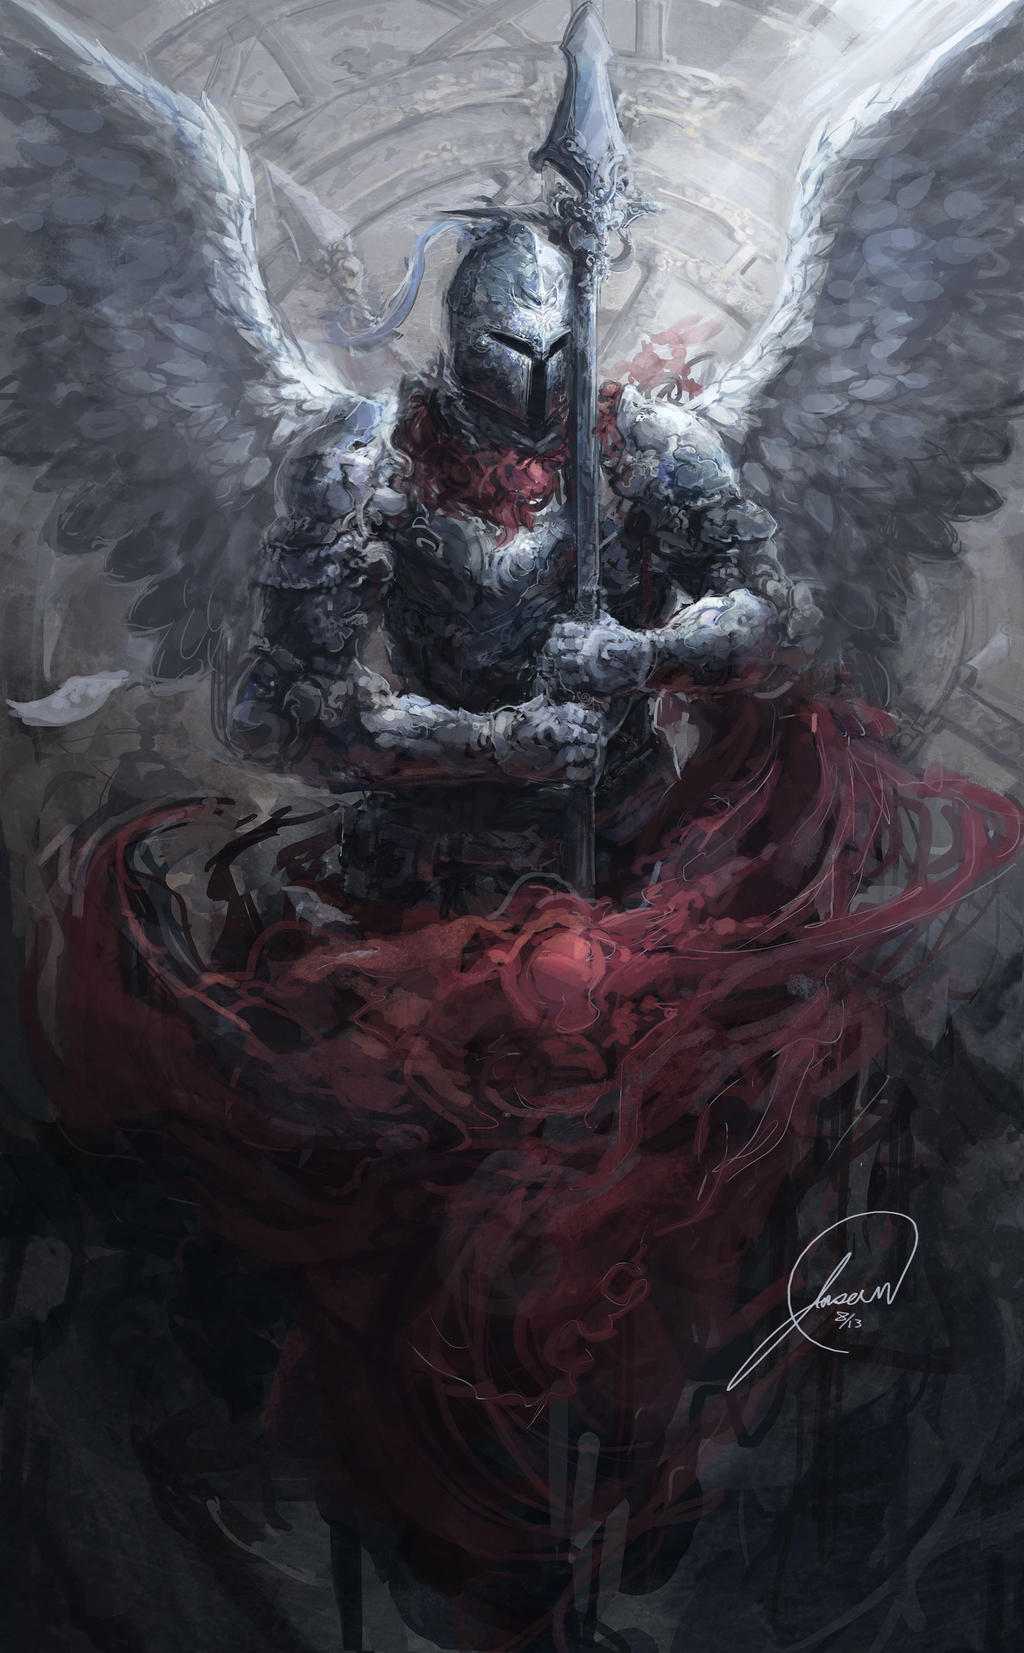 Galeria de Arte: Ficção & Fantasia 1 - Página 4 Angel_of_time_by_nosaj7541-d6ke50w